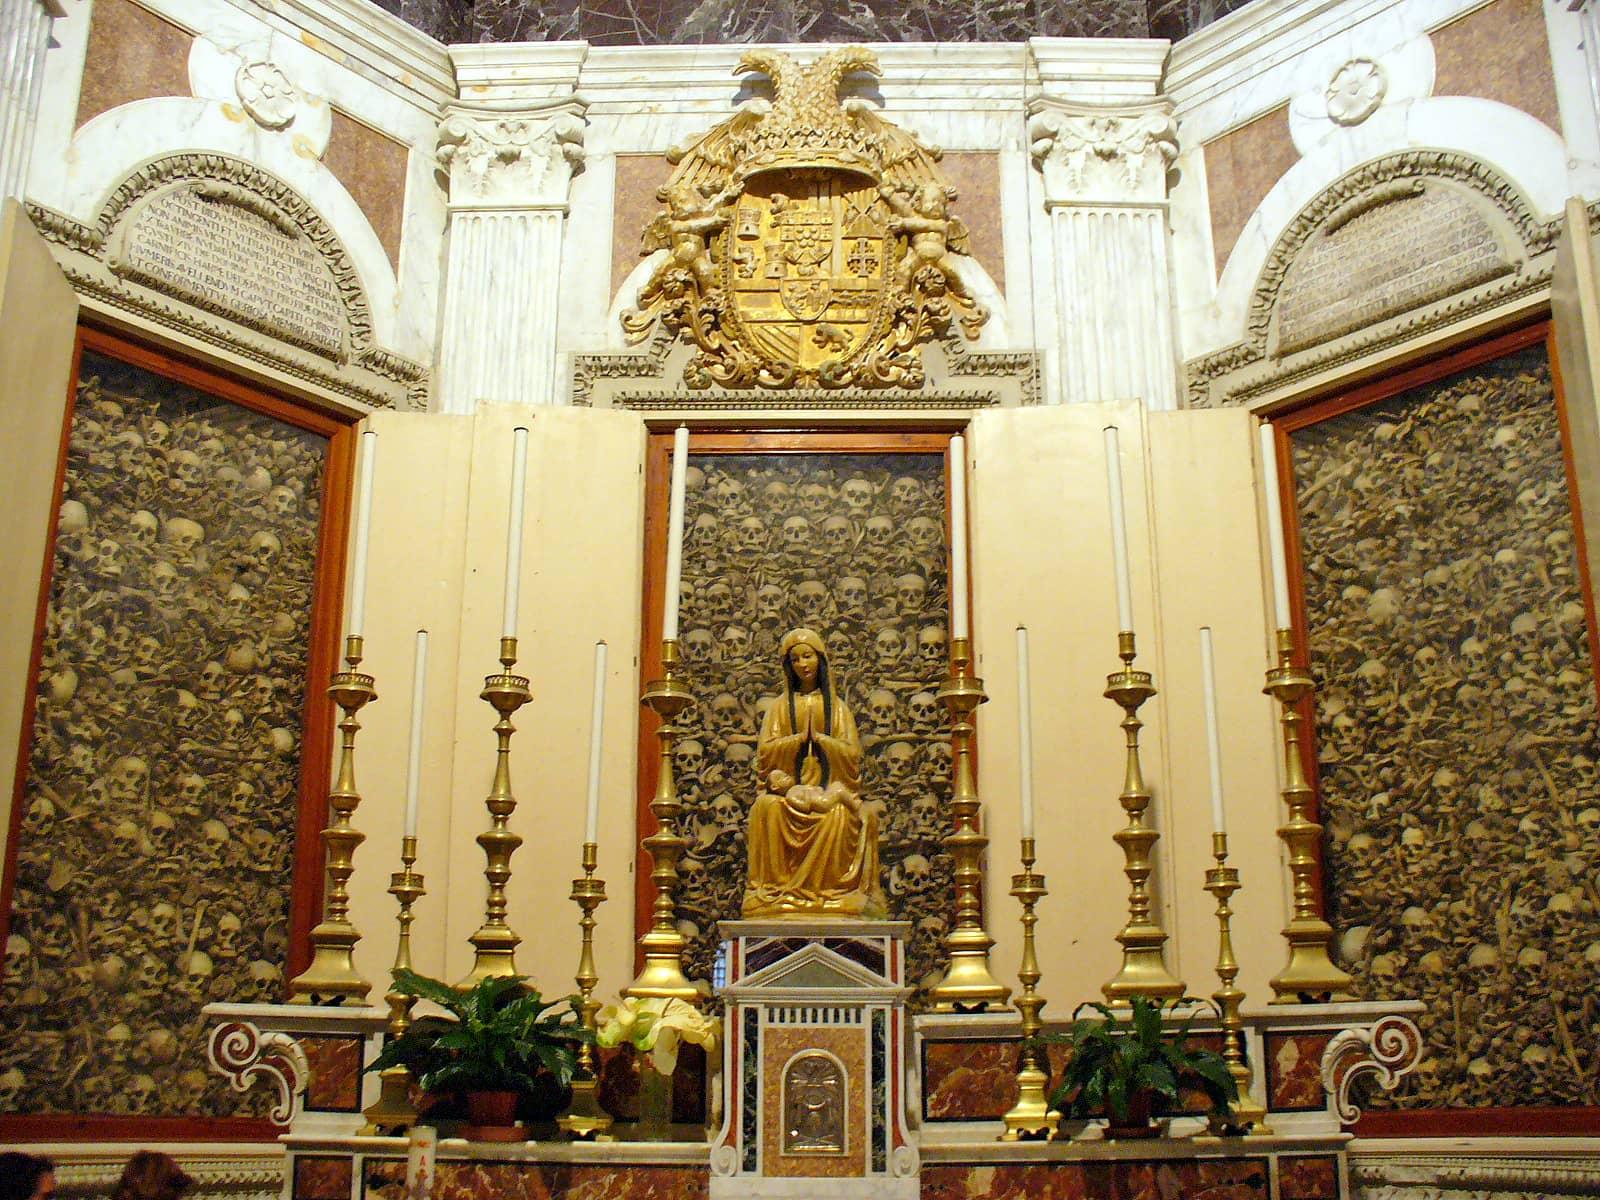 I martiri del Colle Minerva e le loro reliquie nel Duomo di Otranto.